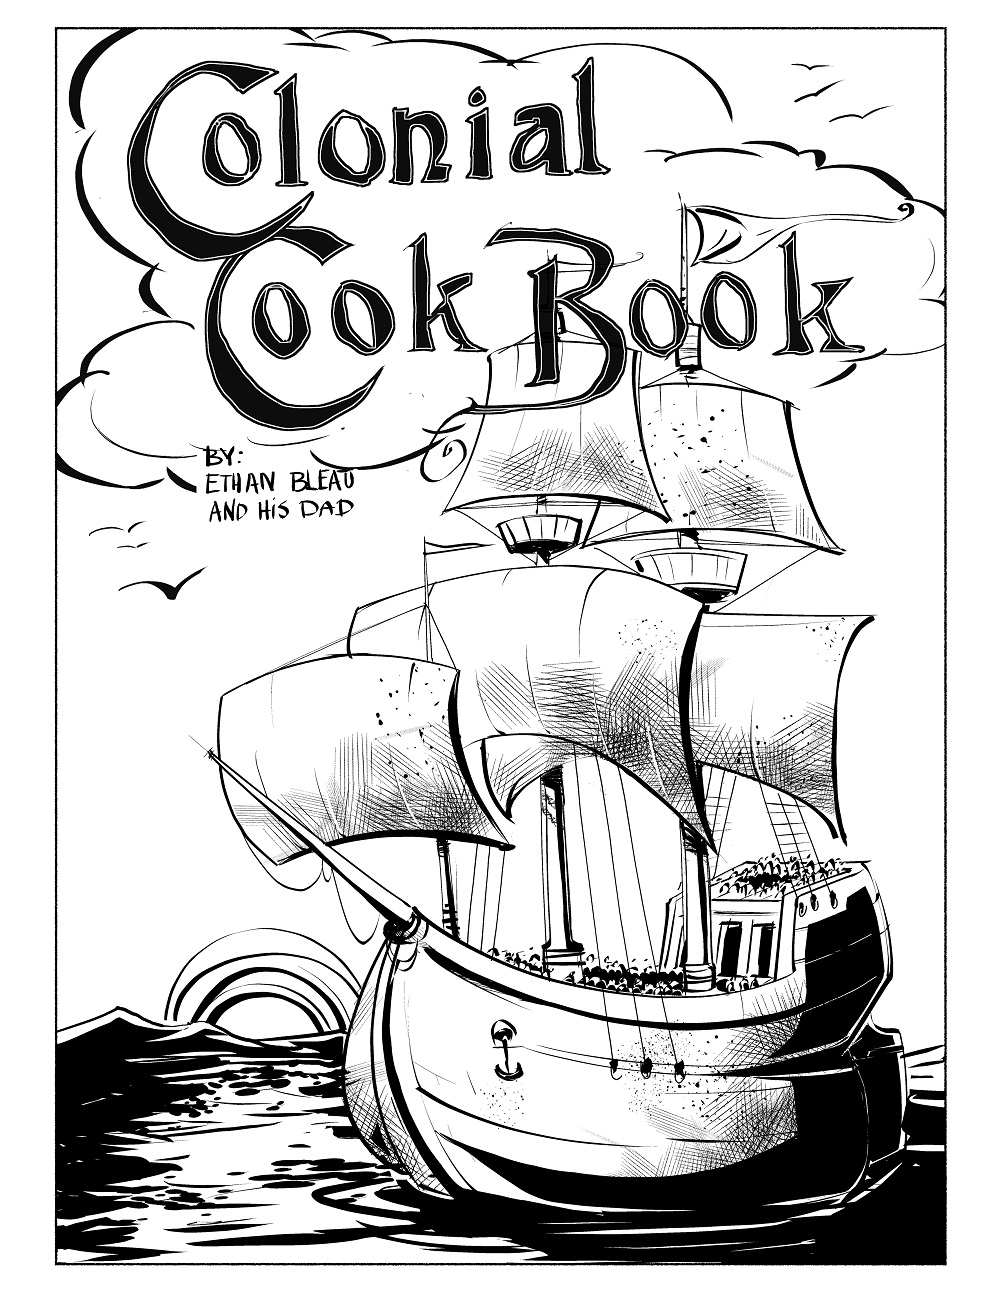 Colonial Cookbook 1_28_15 final 3-1.jpg